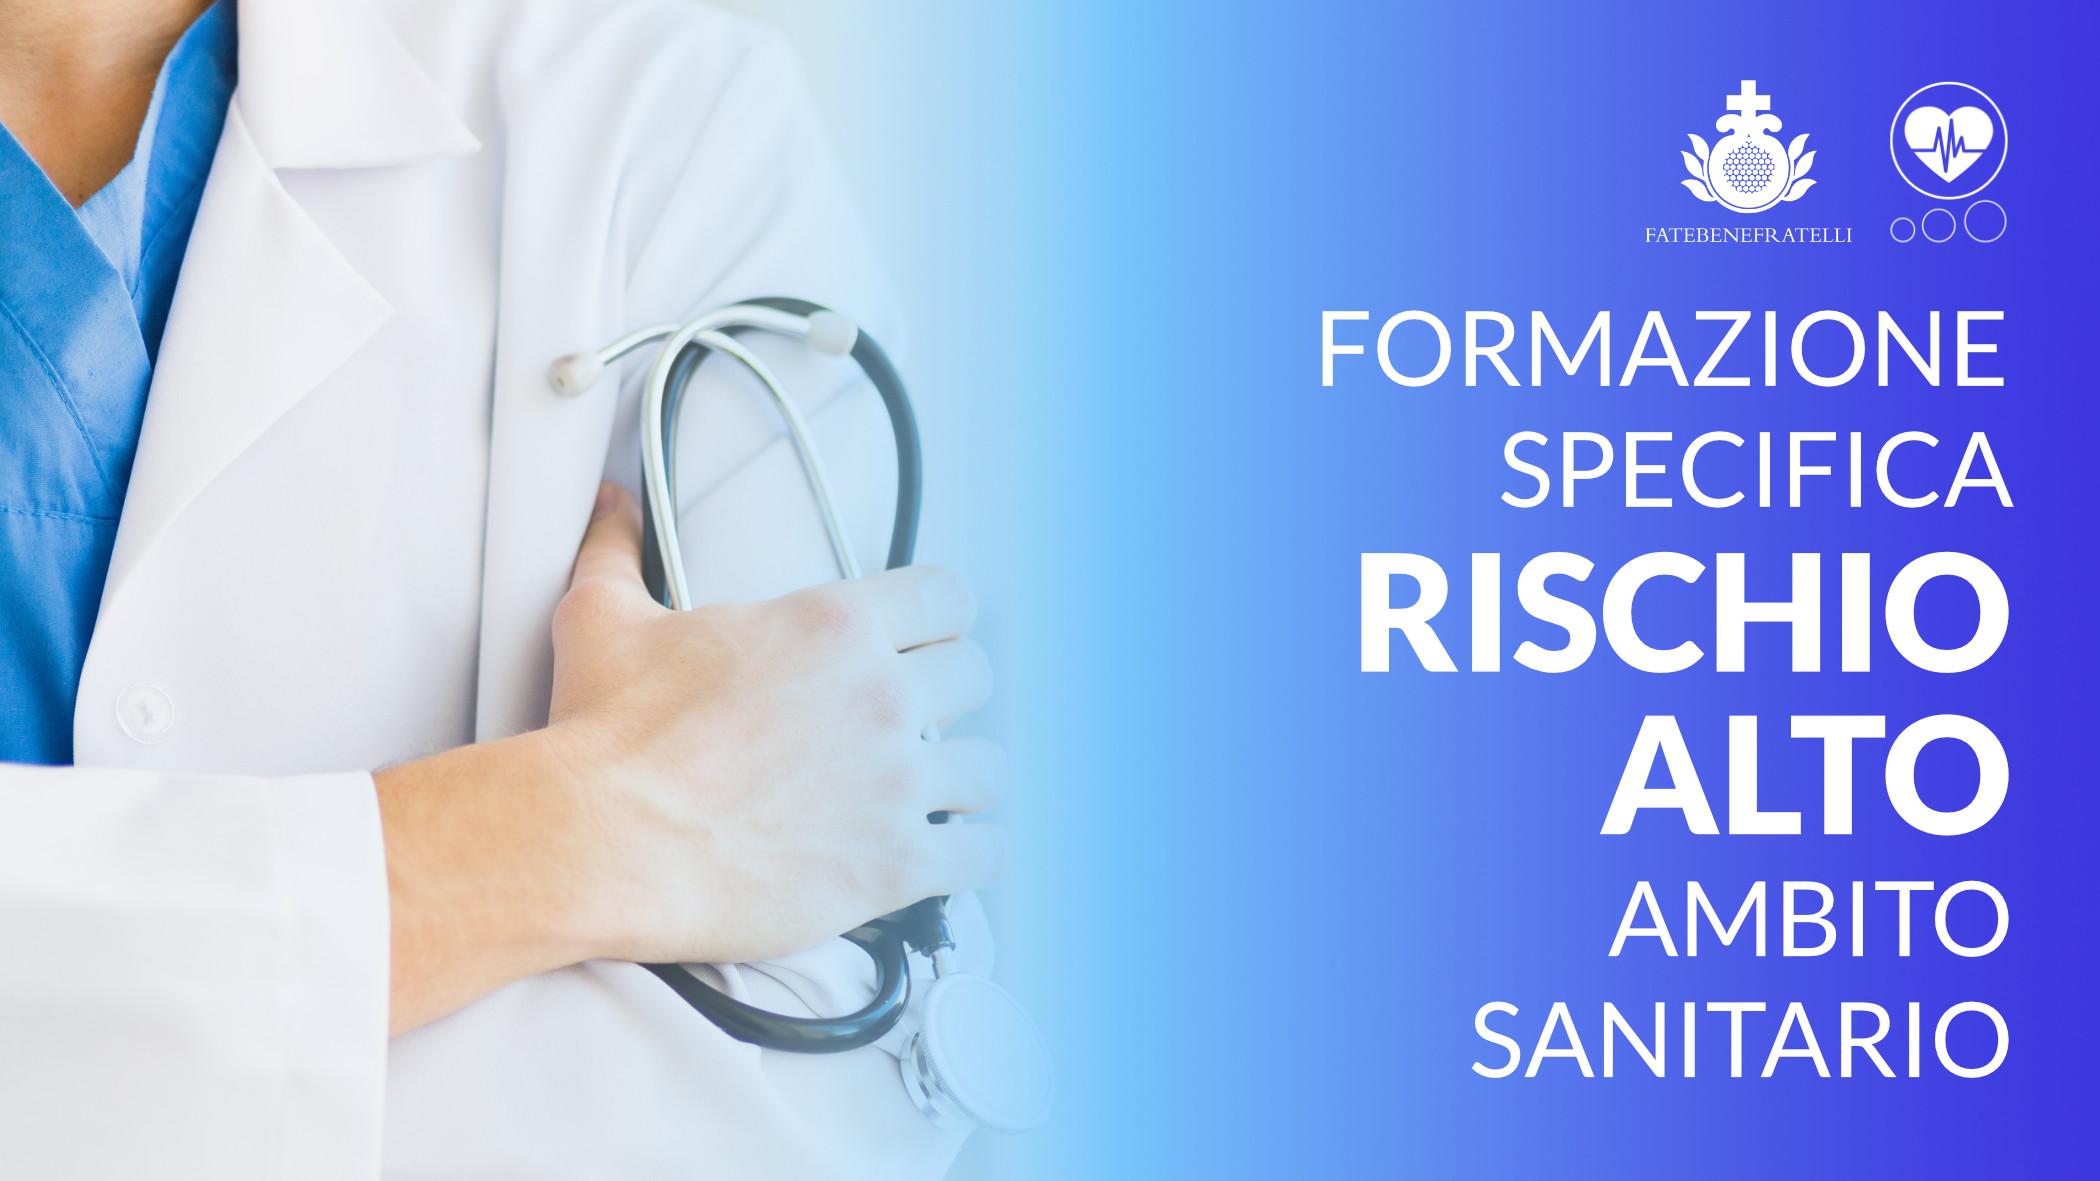 Formazione Specifica Rischio Alto in Ambito Sanitario